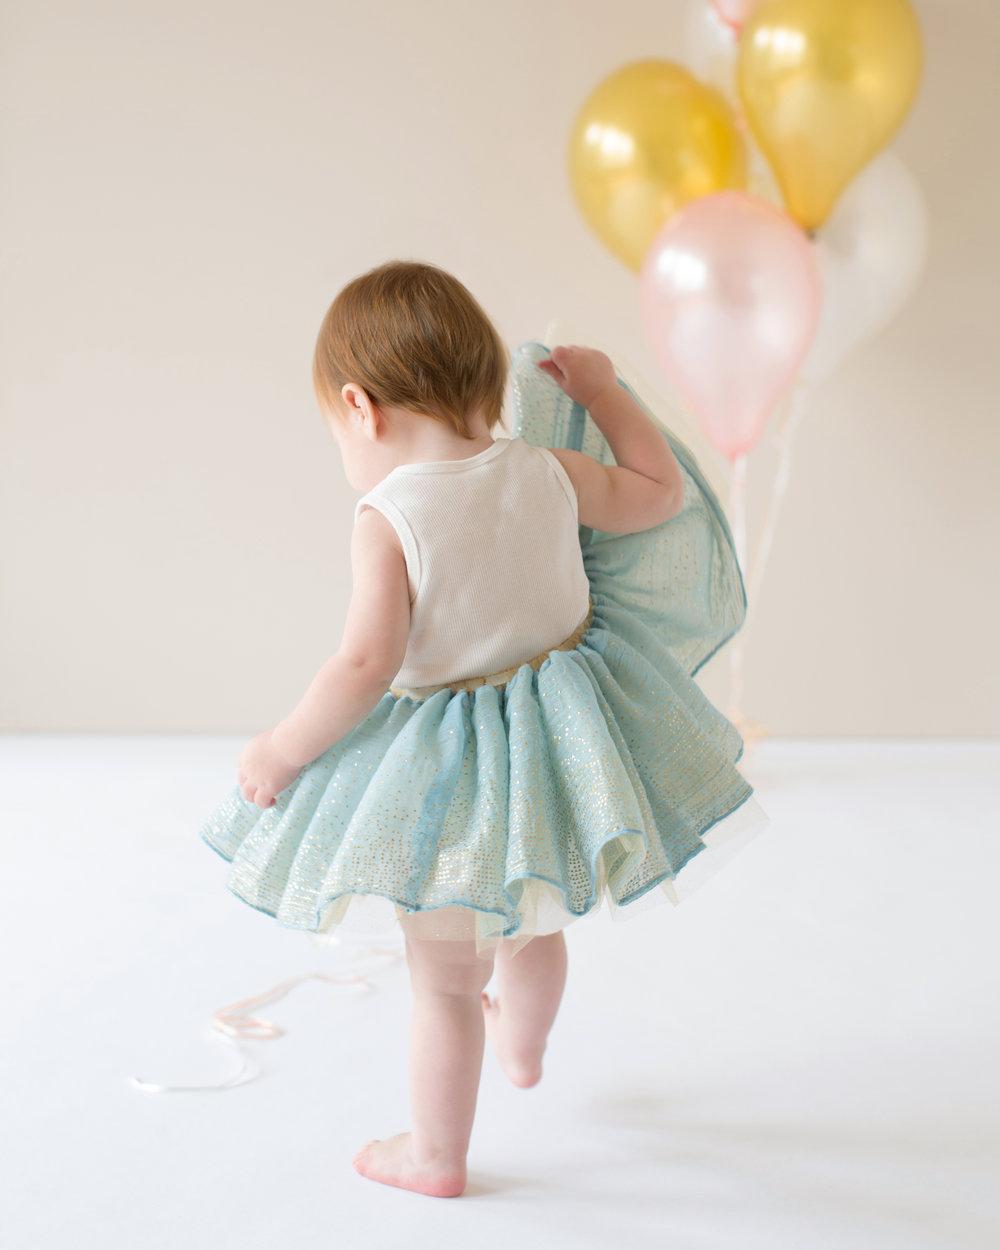 little-girl-holding-tutu.jpg